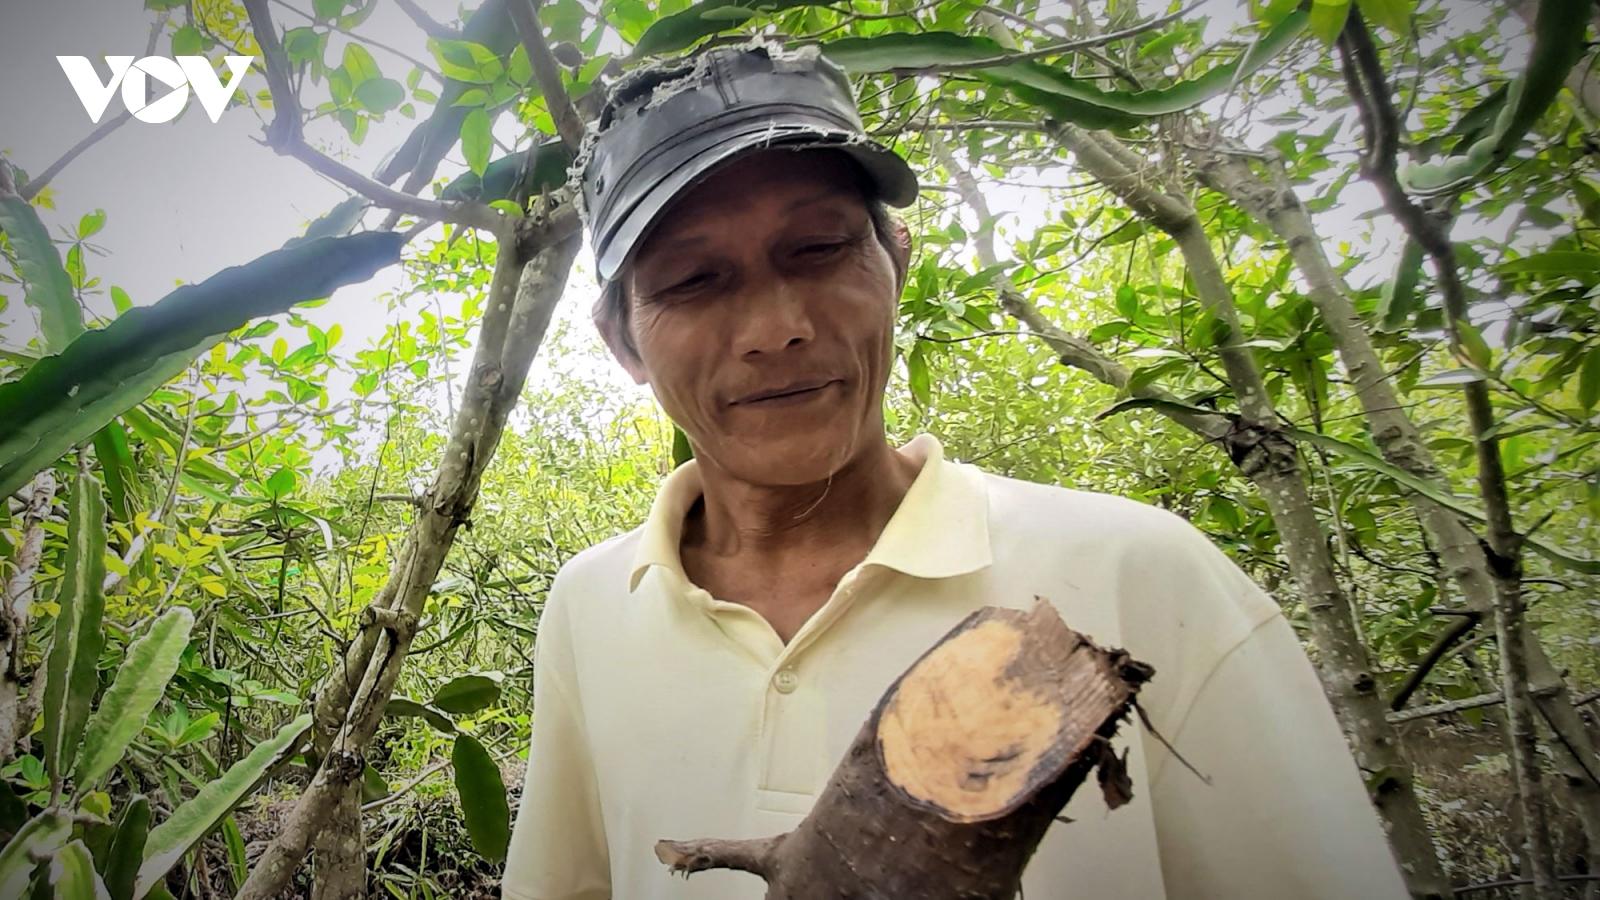 Lão nông làm kinh tế từ những chiếc đũa, muỗng bằng cây mắm